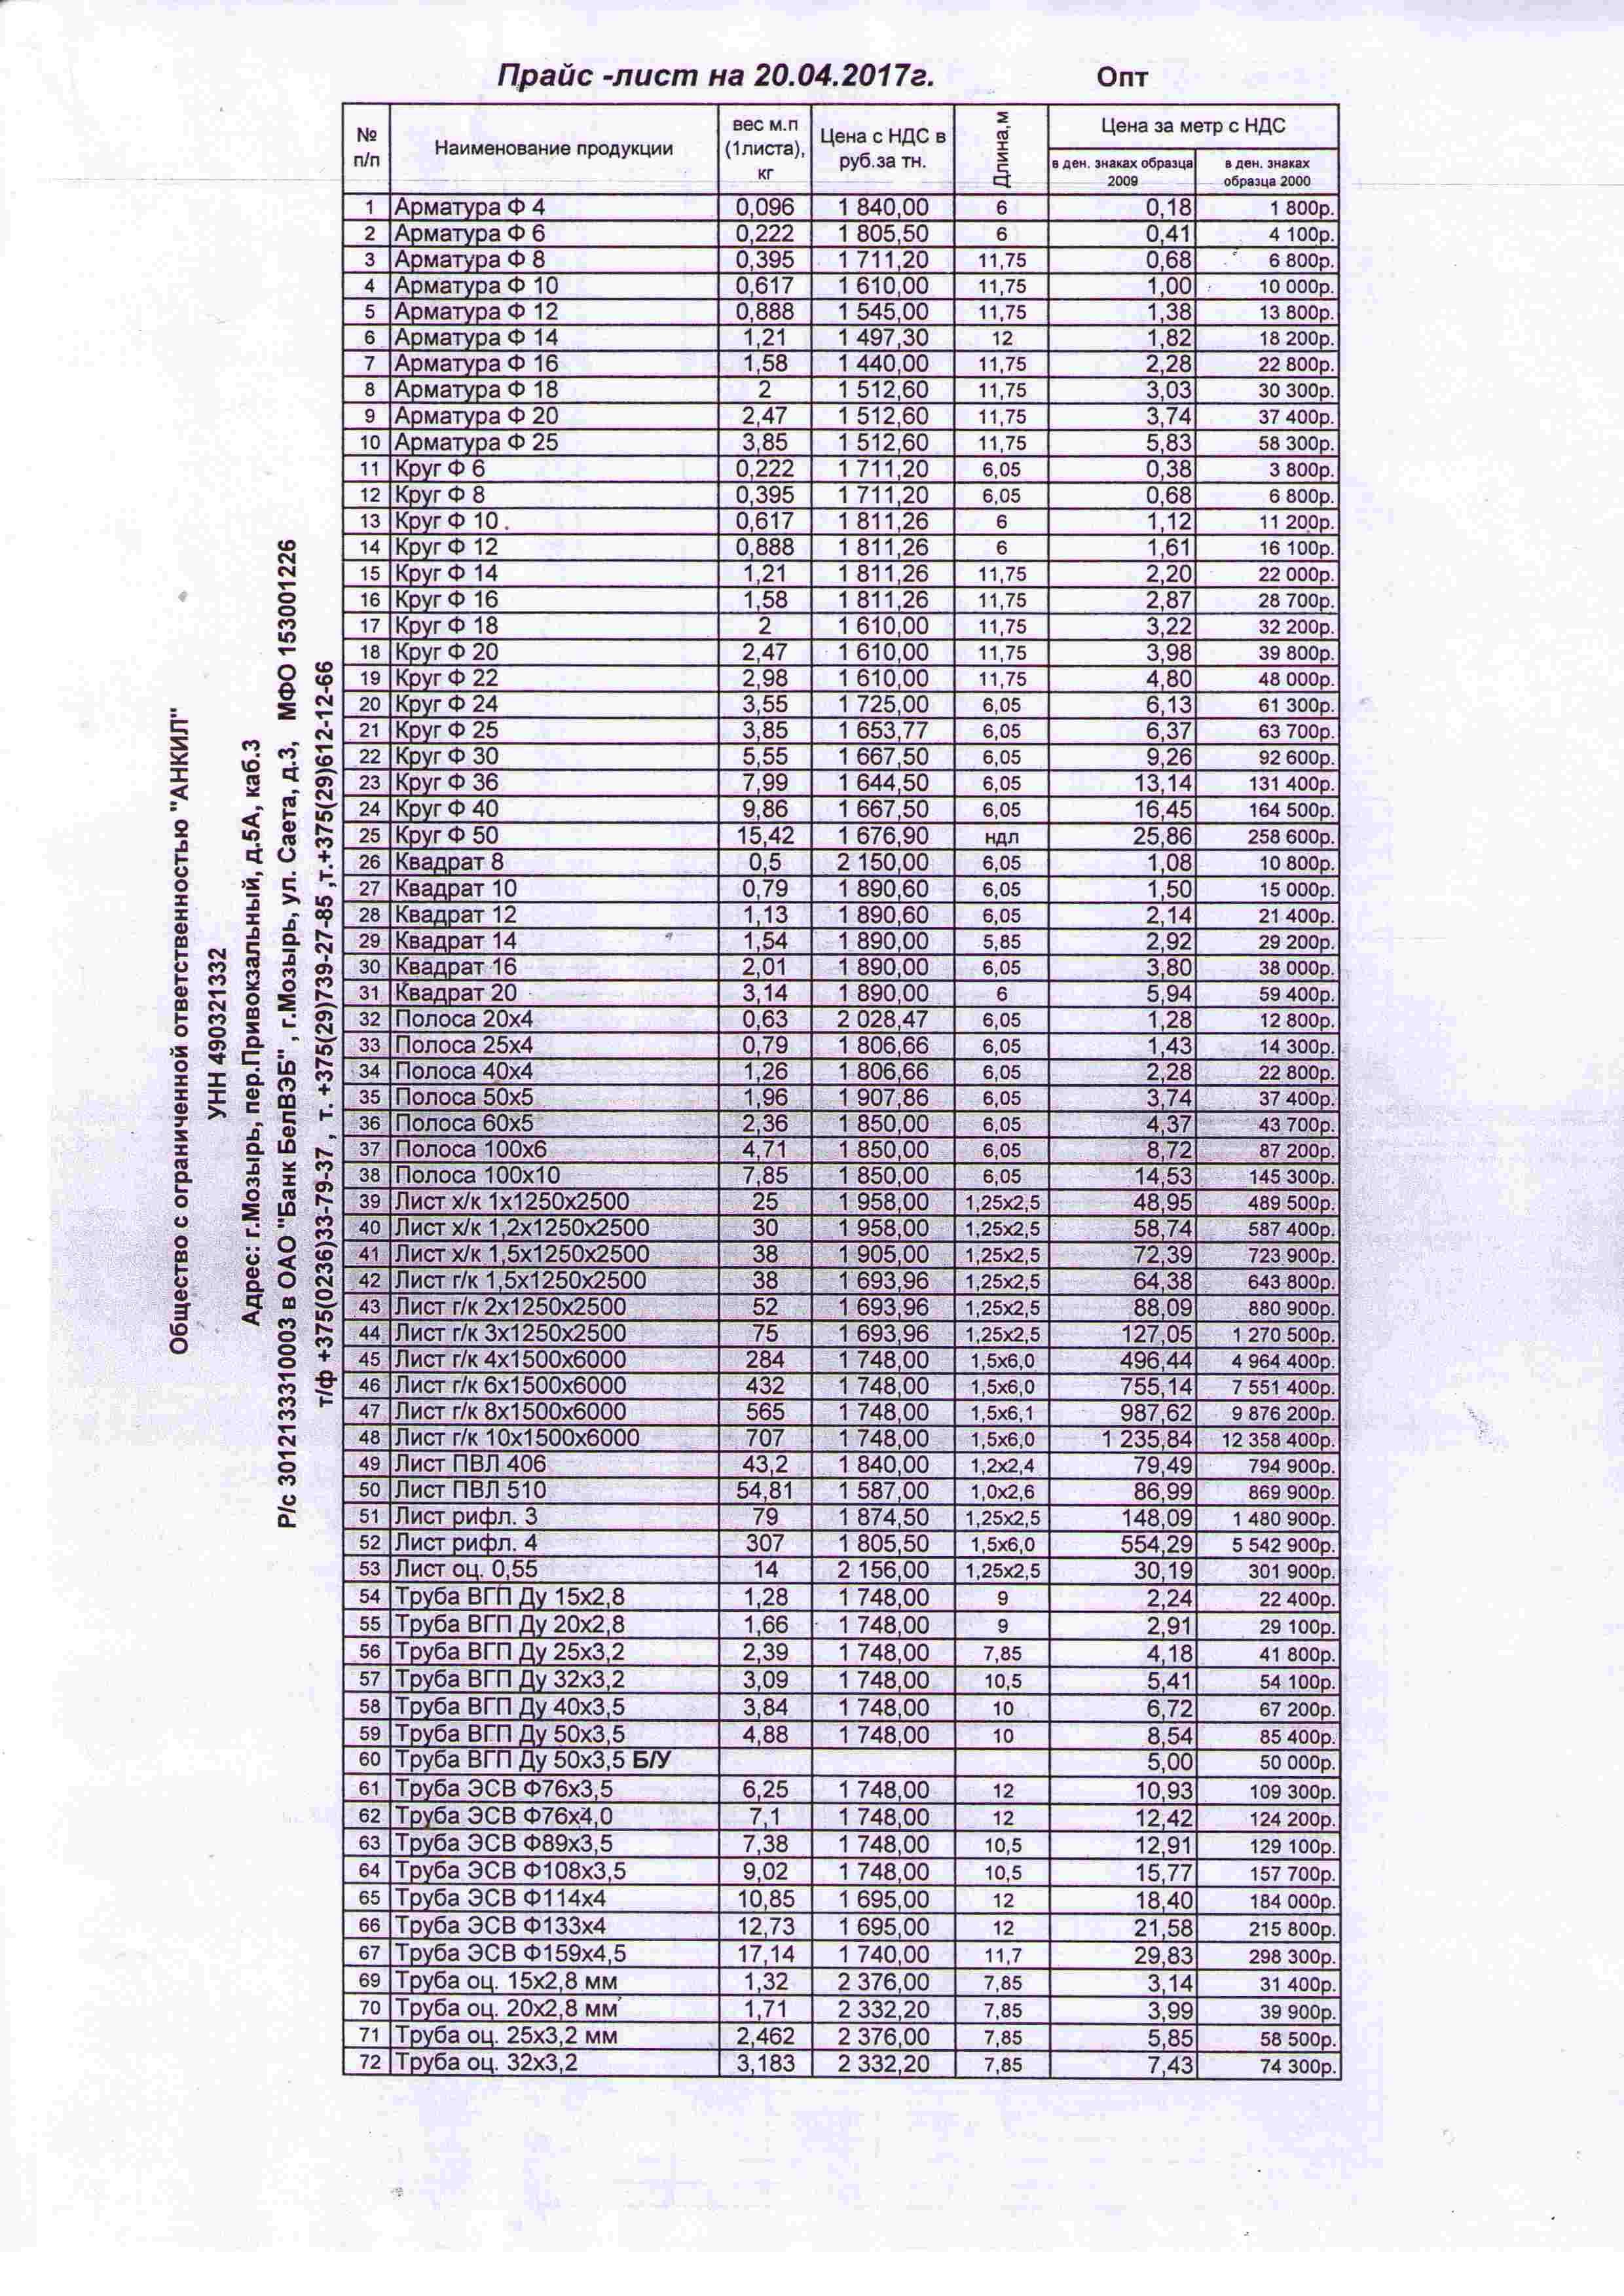 17641325.jpg